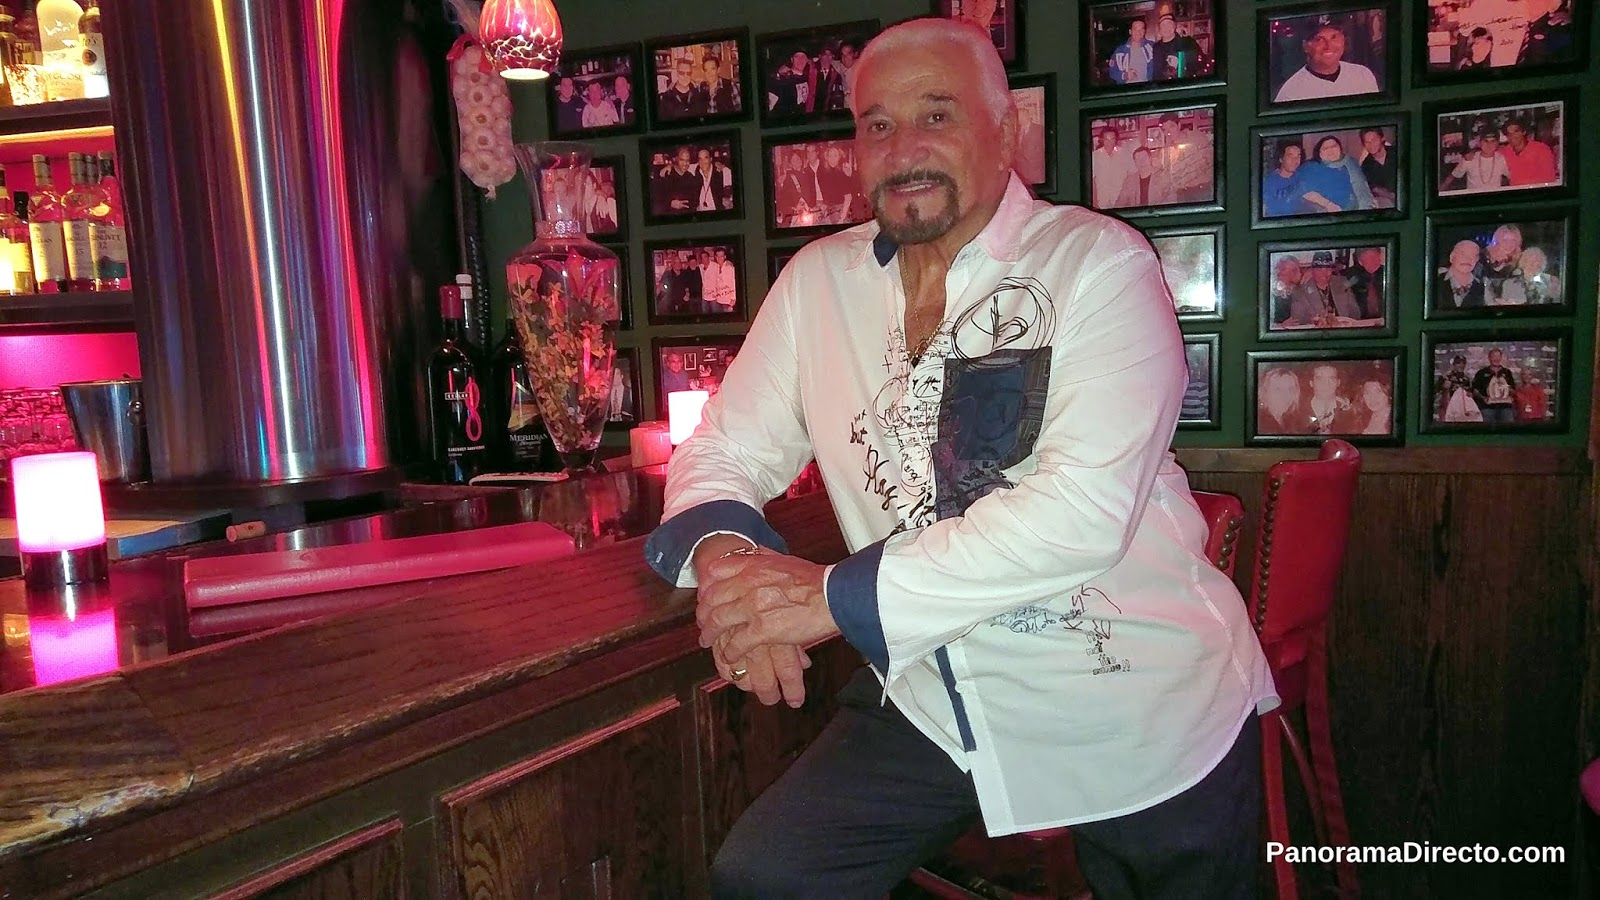 #Entrevista a Arturo Cea el chef de Café Prima Pasta, el restaurante italiano mas exitoso de Miami